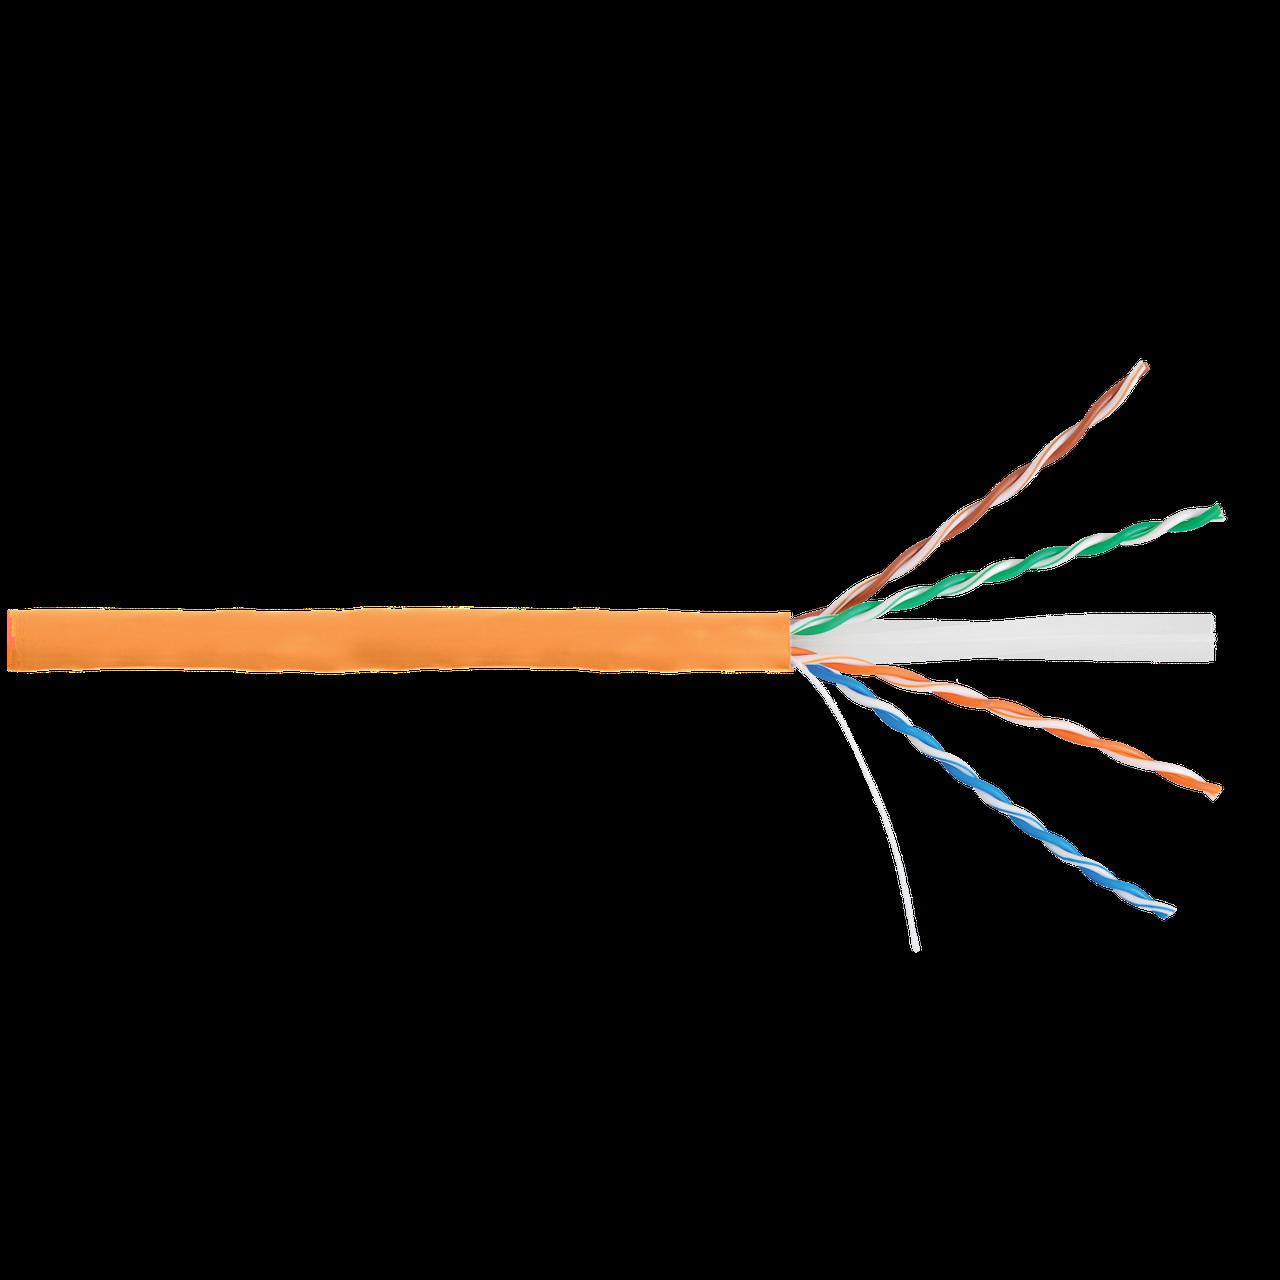 Кабель NIKOLAN U/UTP 4 пары, Кат.6 (Класс E), тест по ISO/IEC, 250МГц, одножильный, BC (чистая медь), 24AWG